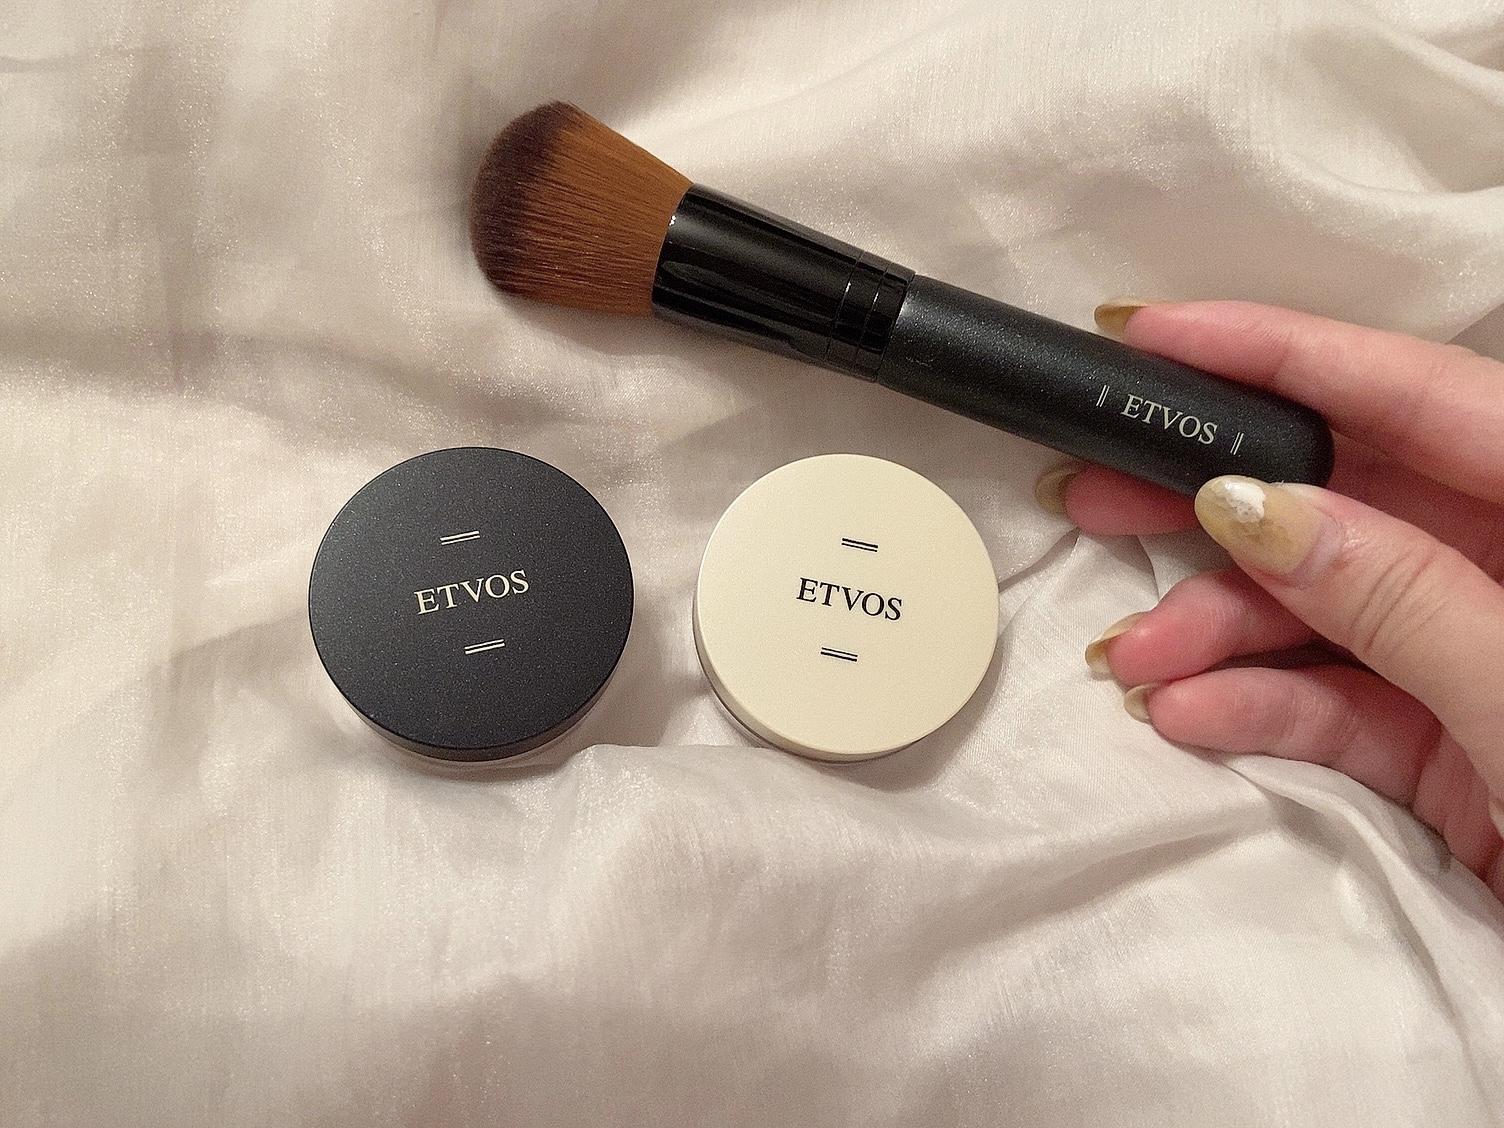 ETVOS(エトヴォス) フェイスカブキブラシの良い点・メリットに関するnozomiさんの口コミ画像1